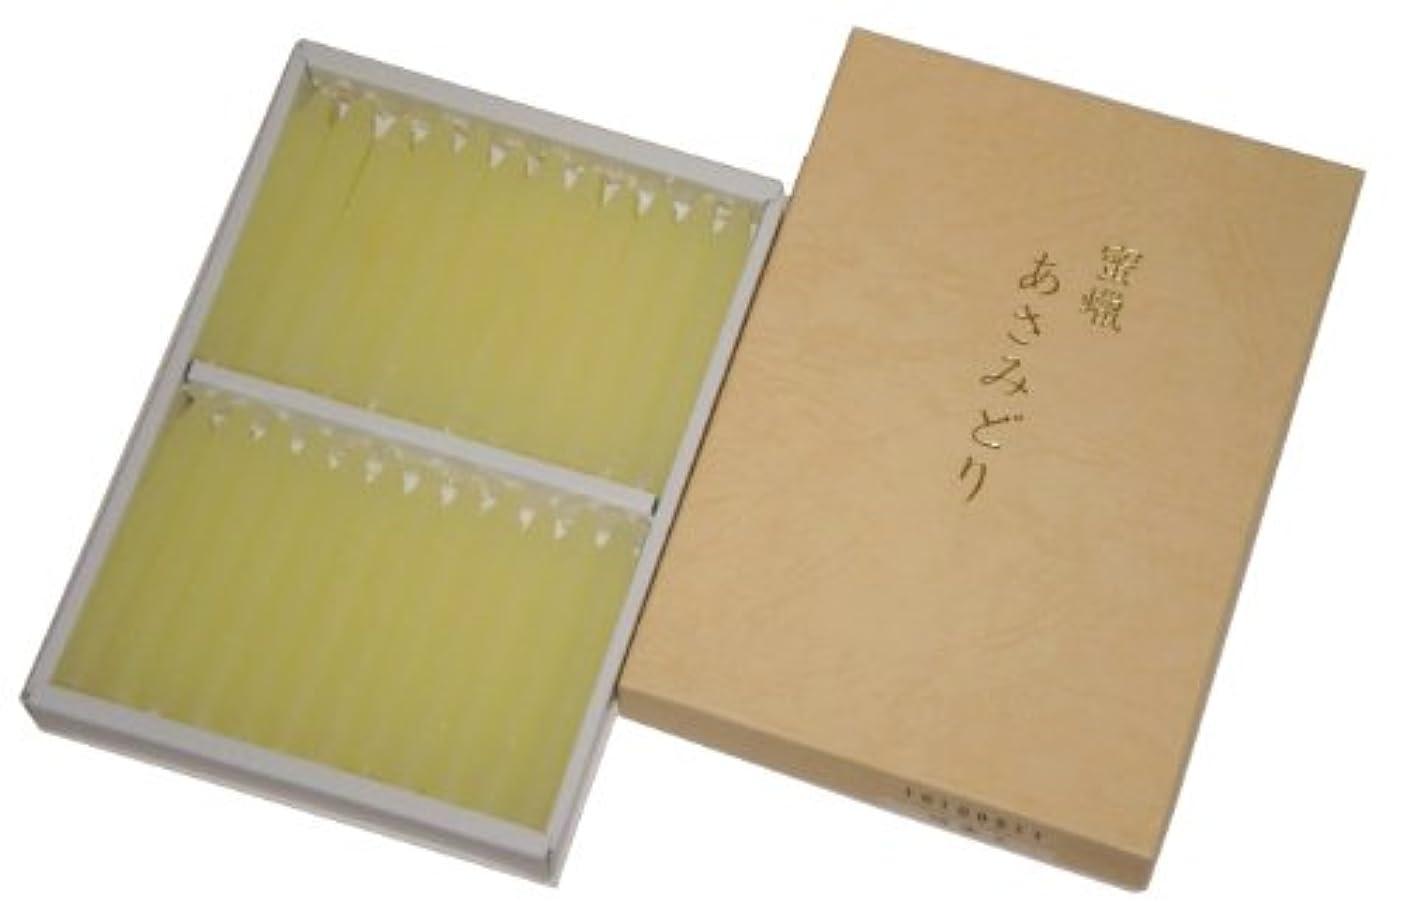 パトロール高くプロトタイプ鳥居のローソク 蜜蝋 あさみどり 太ダルマ48本入 印刷箱 #100511